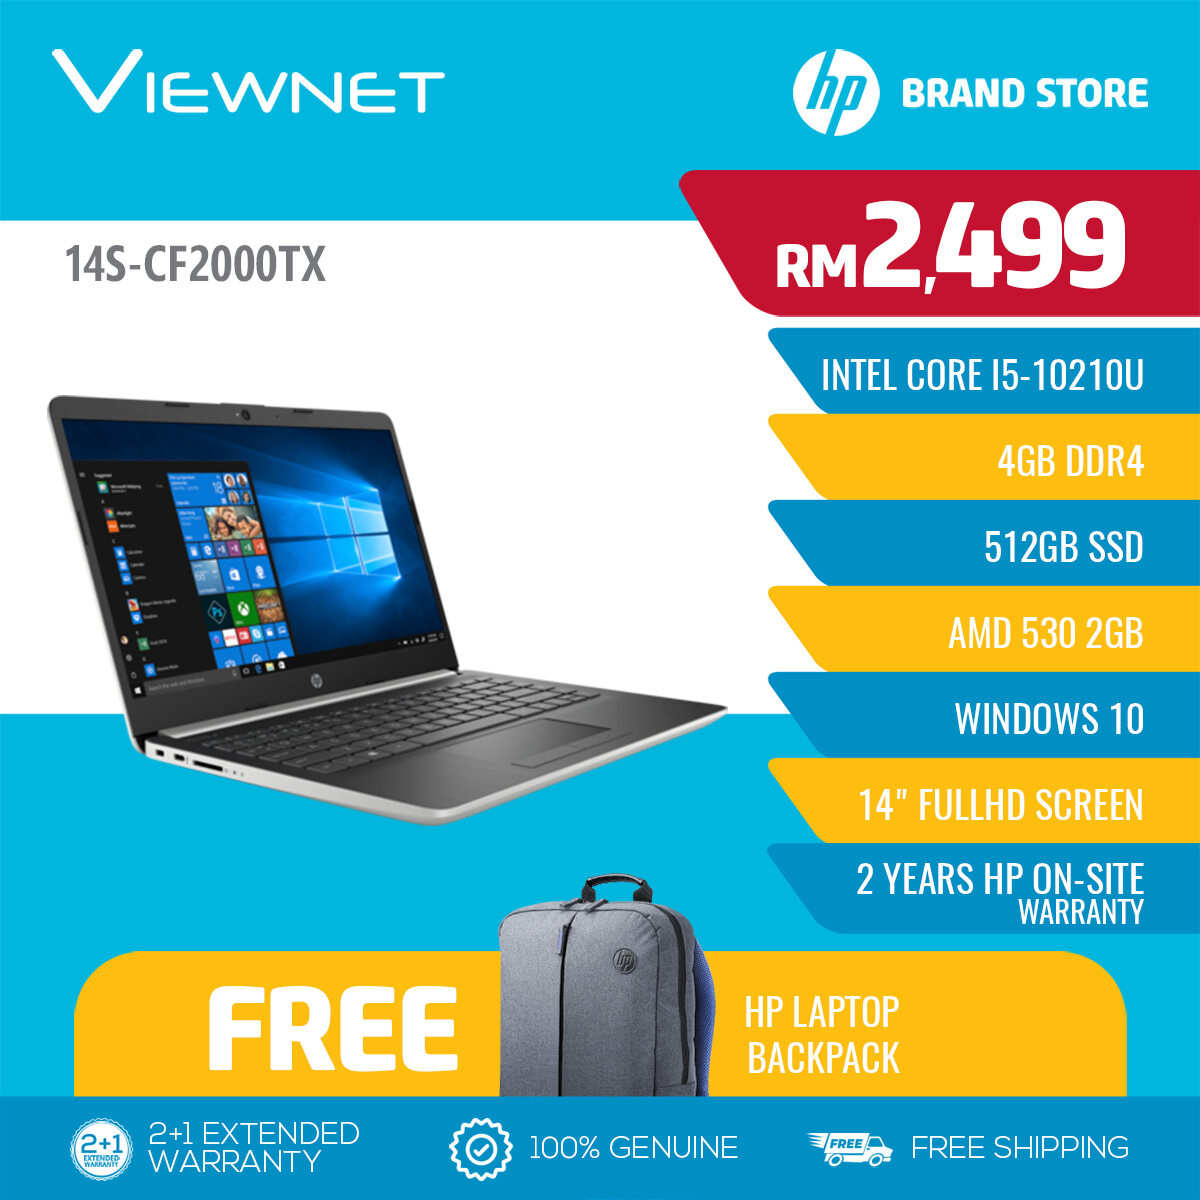 HP 14S-CF2000TX 14 FHD Silver Laptop (INTEL CORE I5-10210U/4GB DDR4/512GB SSD/AMD 530 2GB/W10) Malaysia